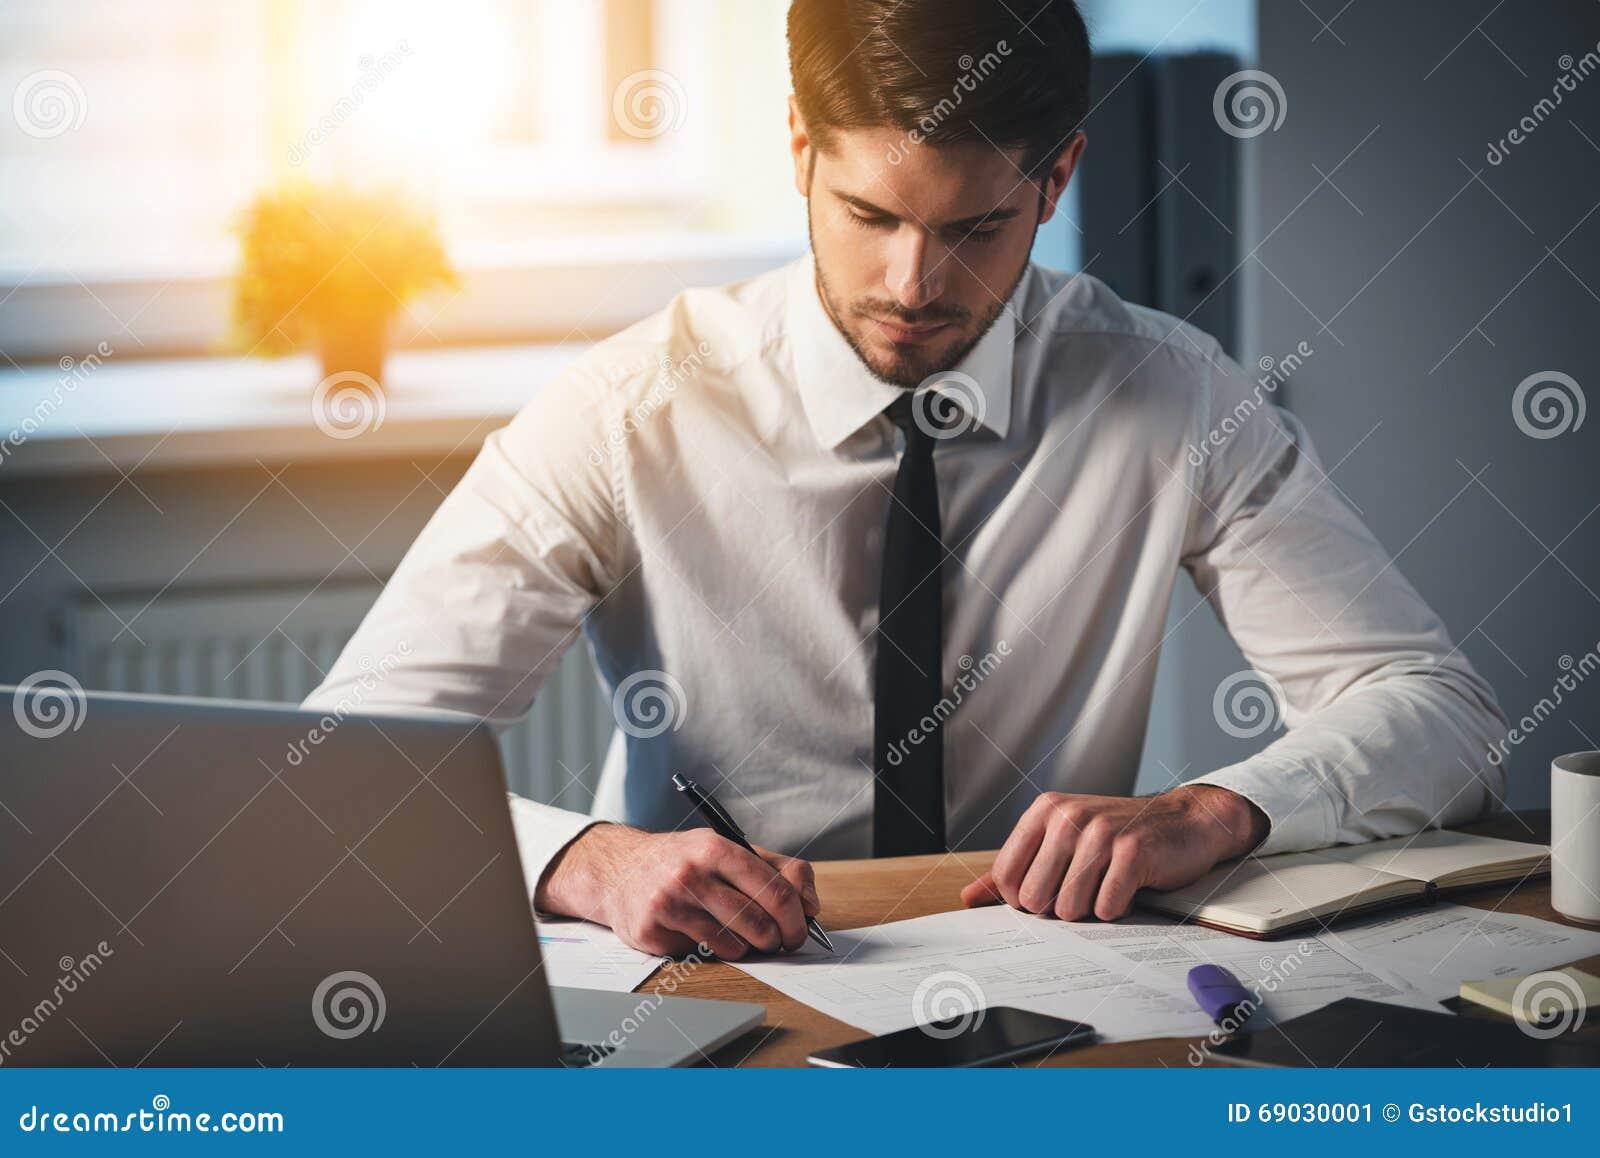 Cronometre para assinar alguns contratos